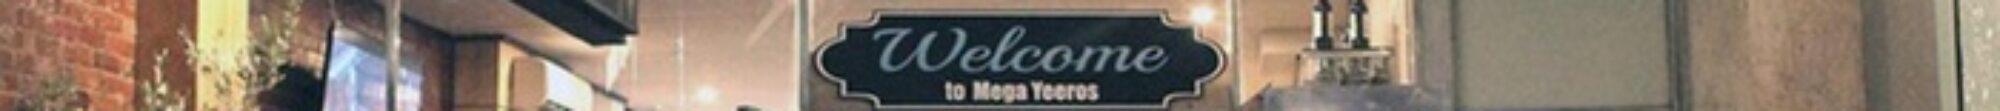 MEGA YEEROS